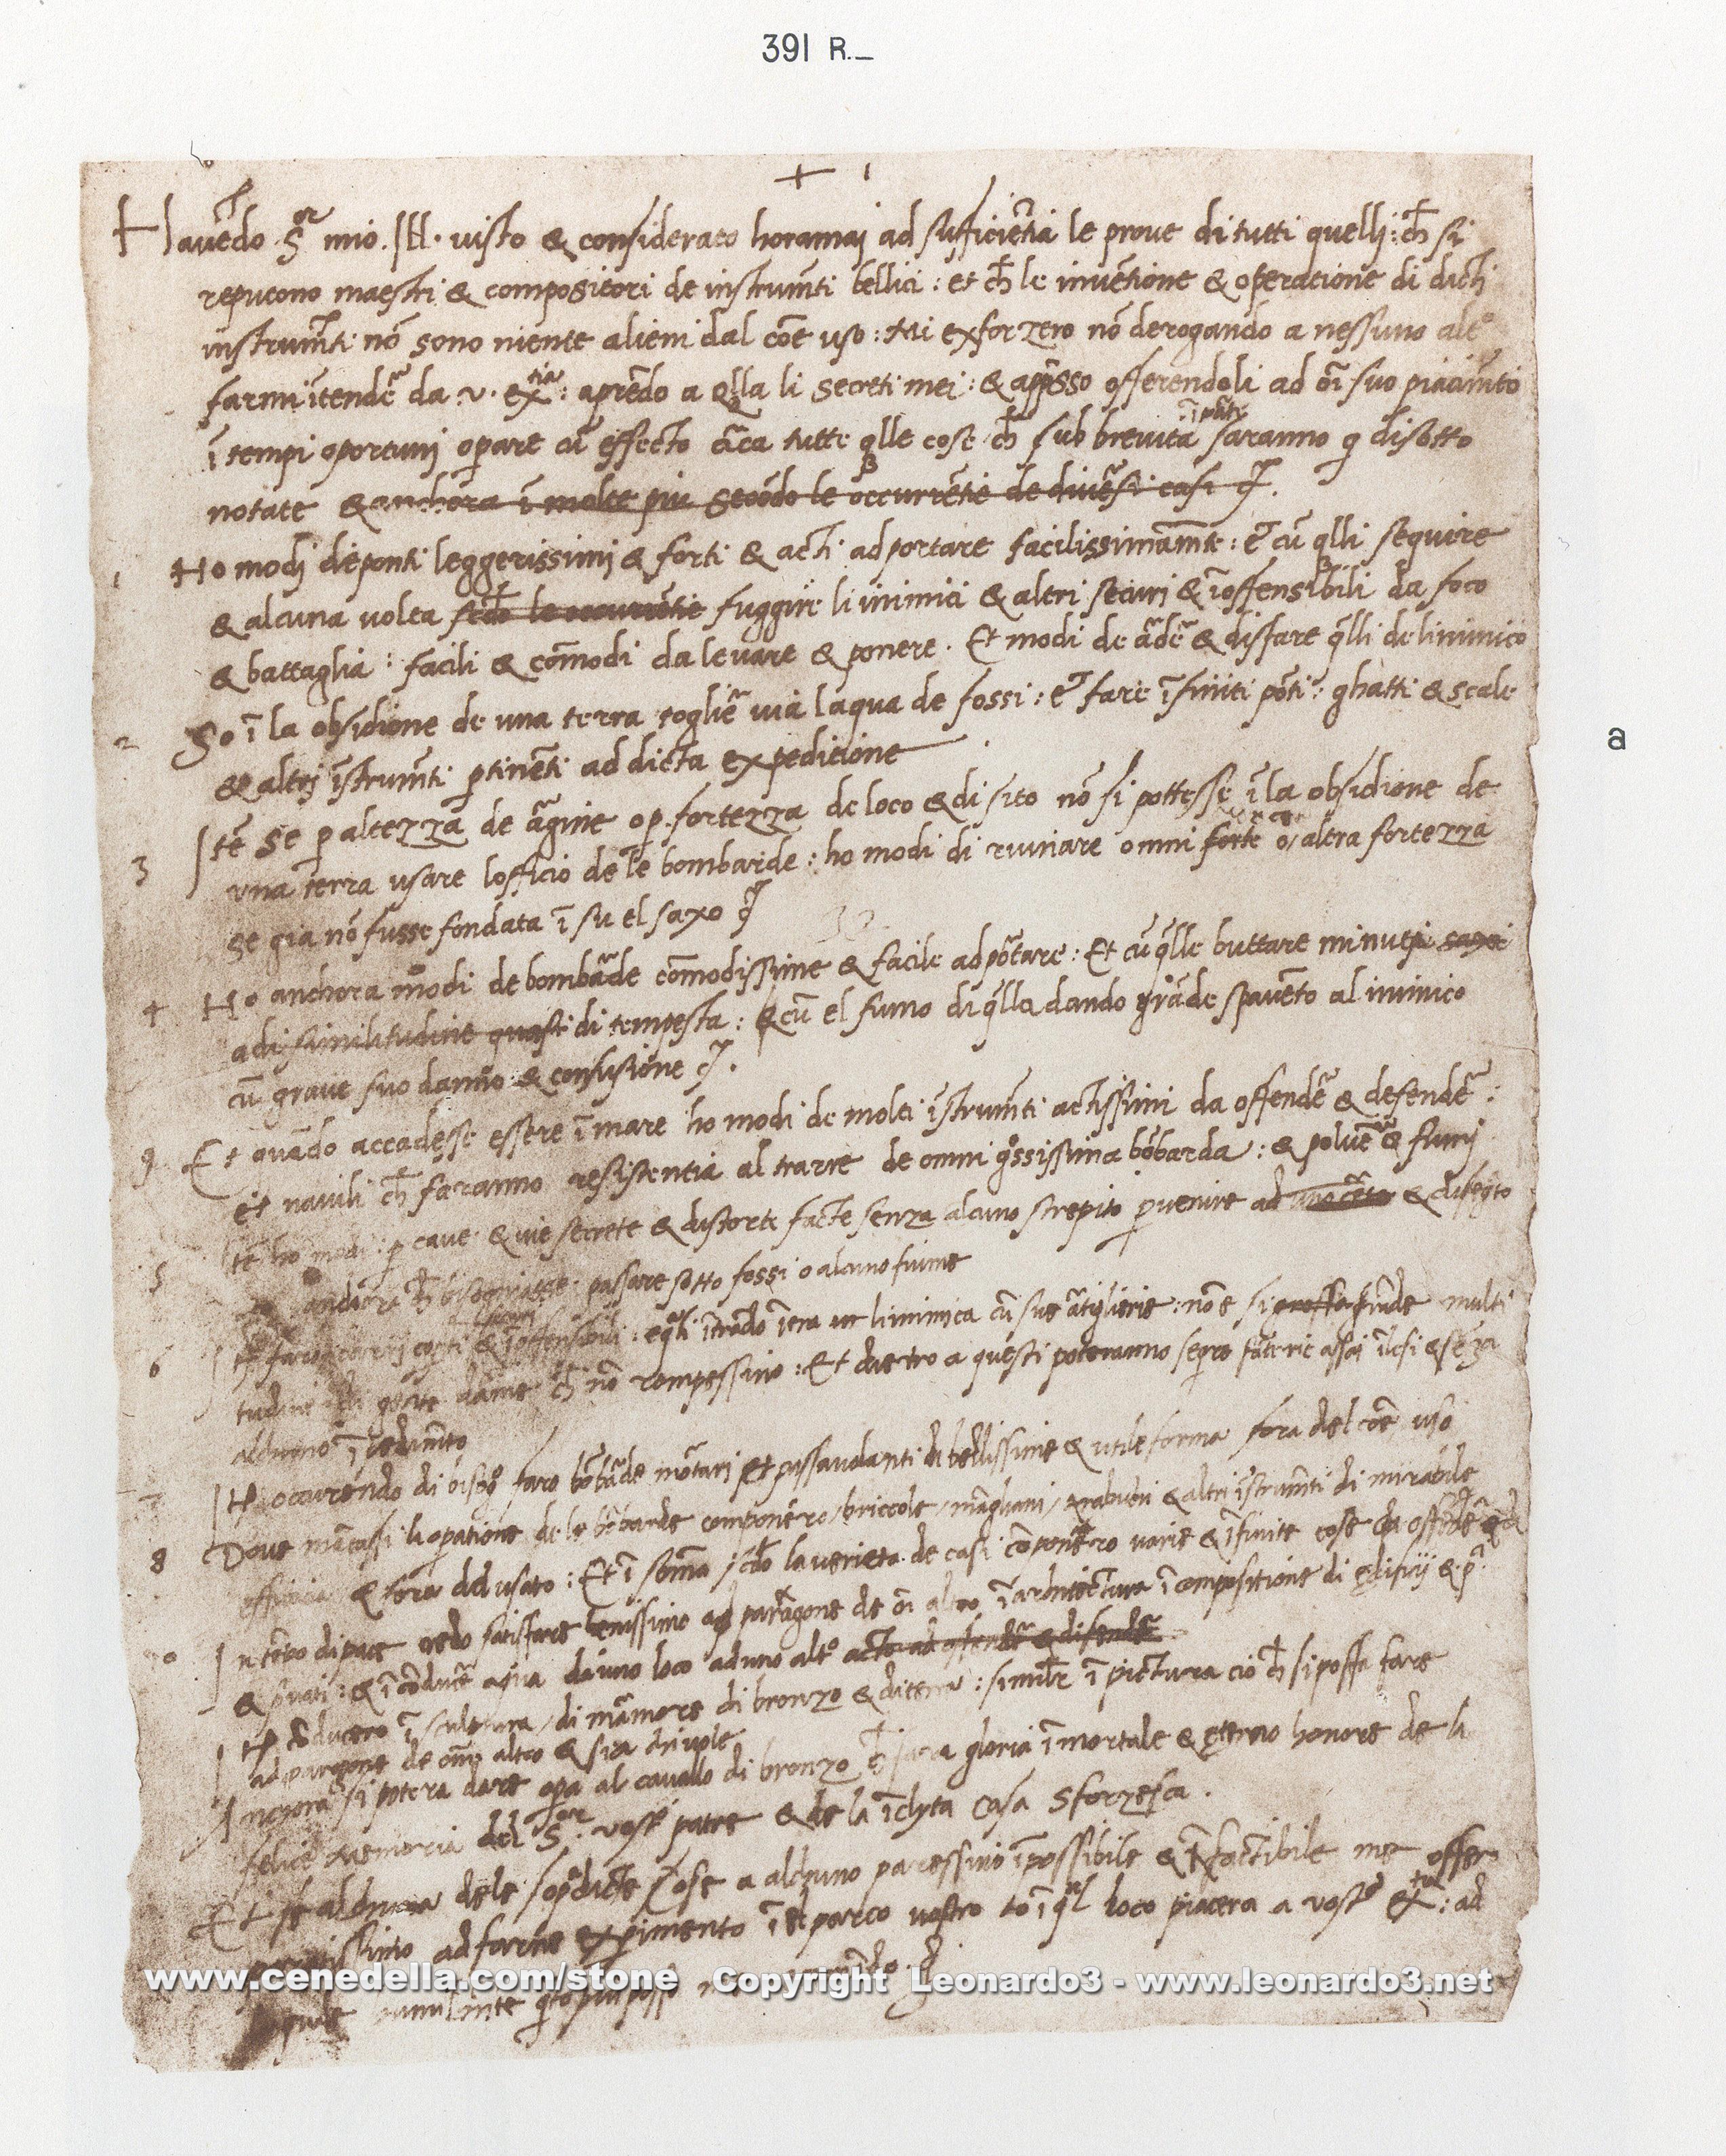 Leonardo Da Vinci Resume, Hoepli edition